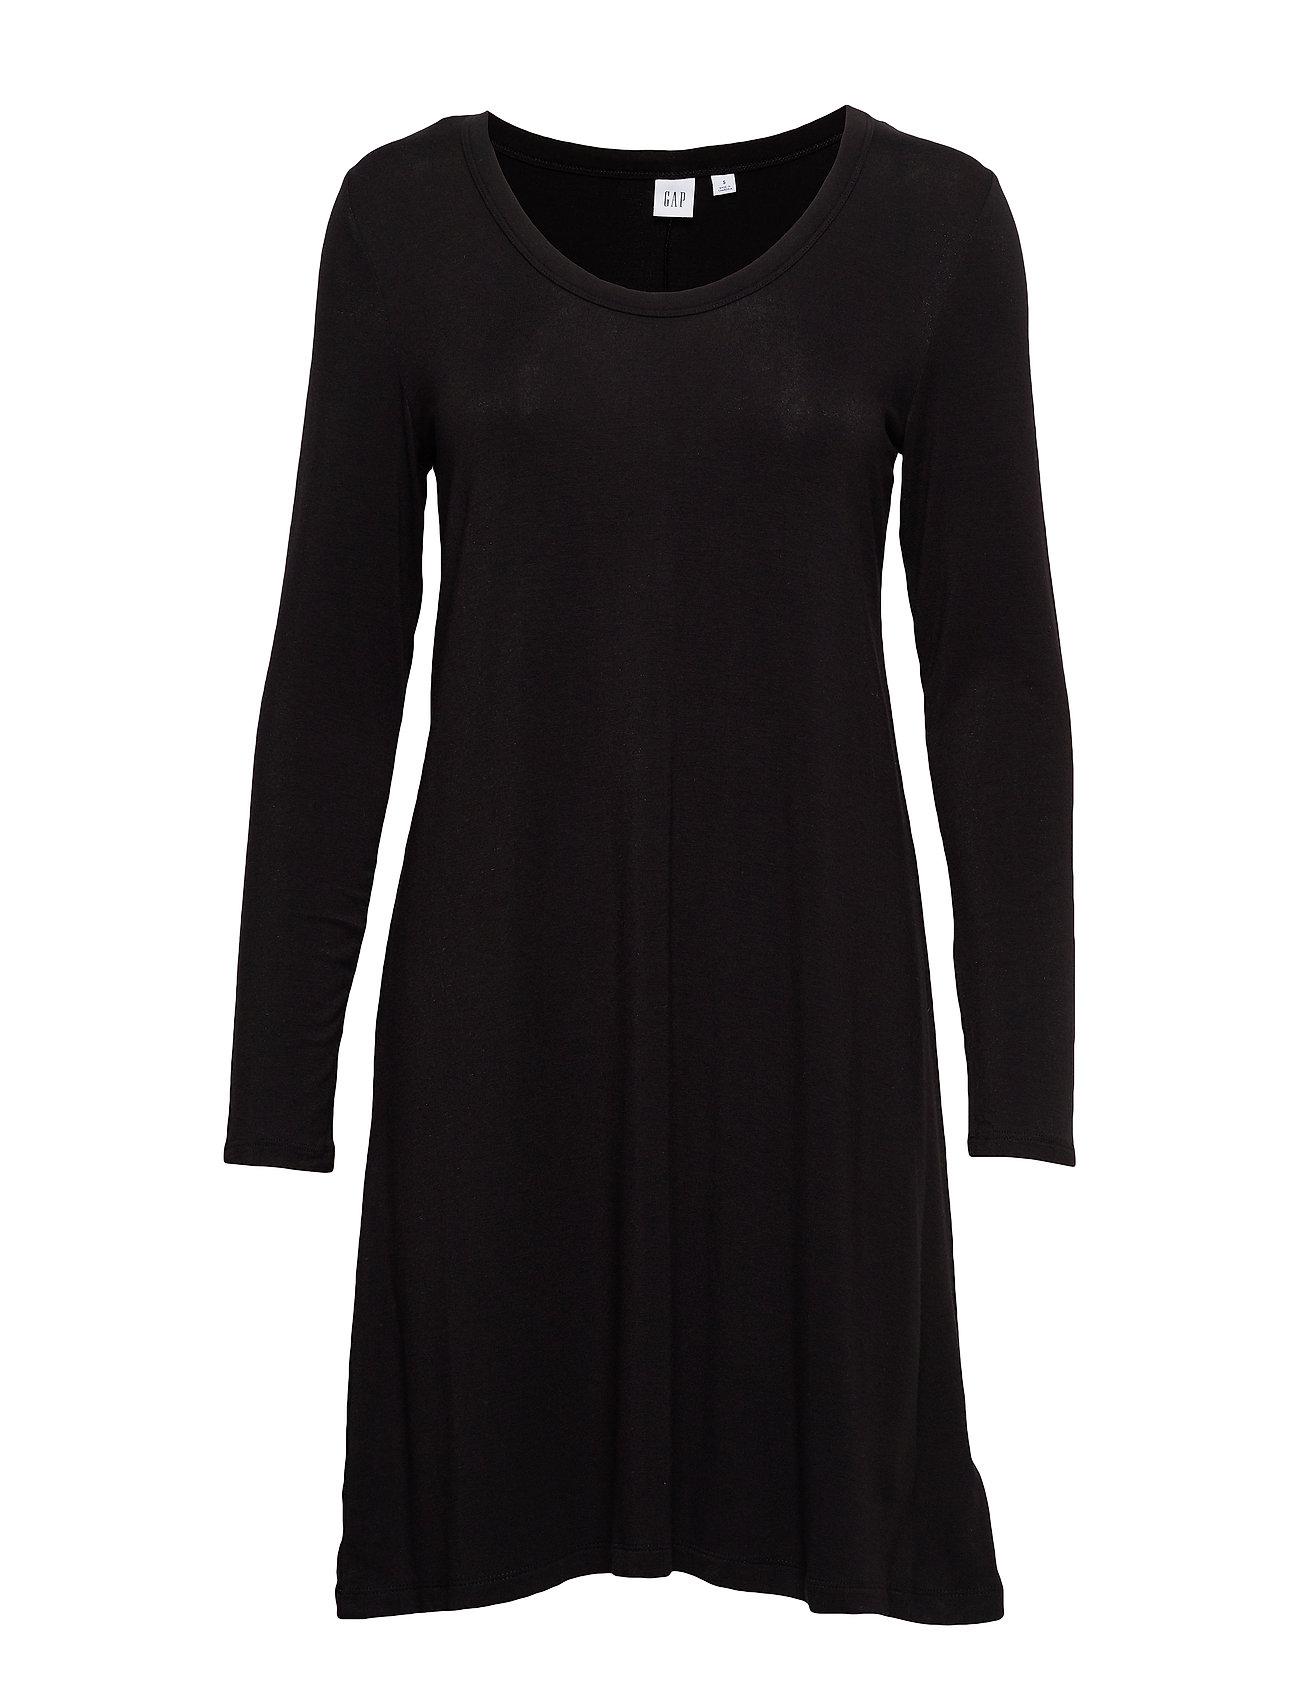 Image of U-Neck Swing Dress Knælang Kjole Sort GAP (3406208359)